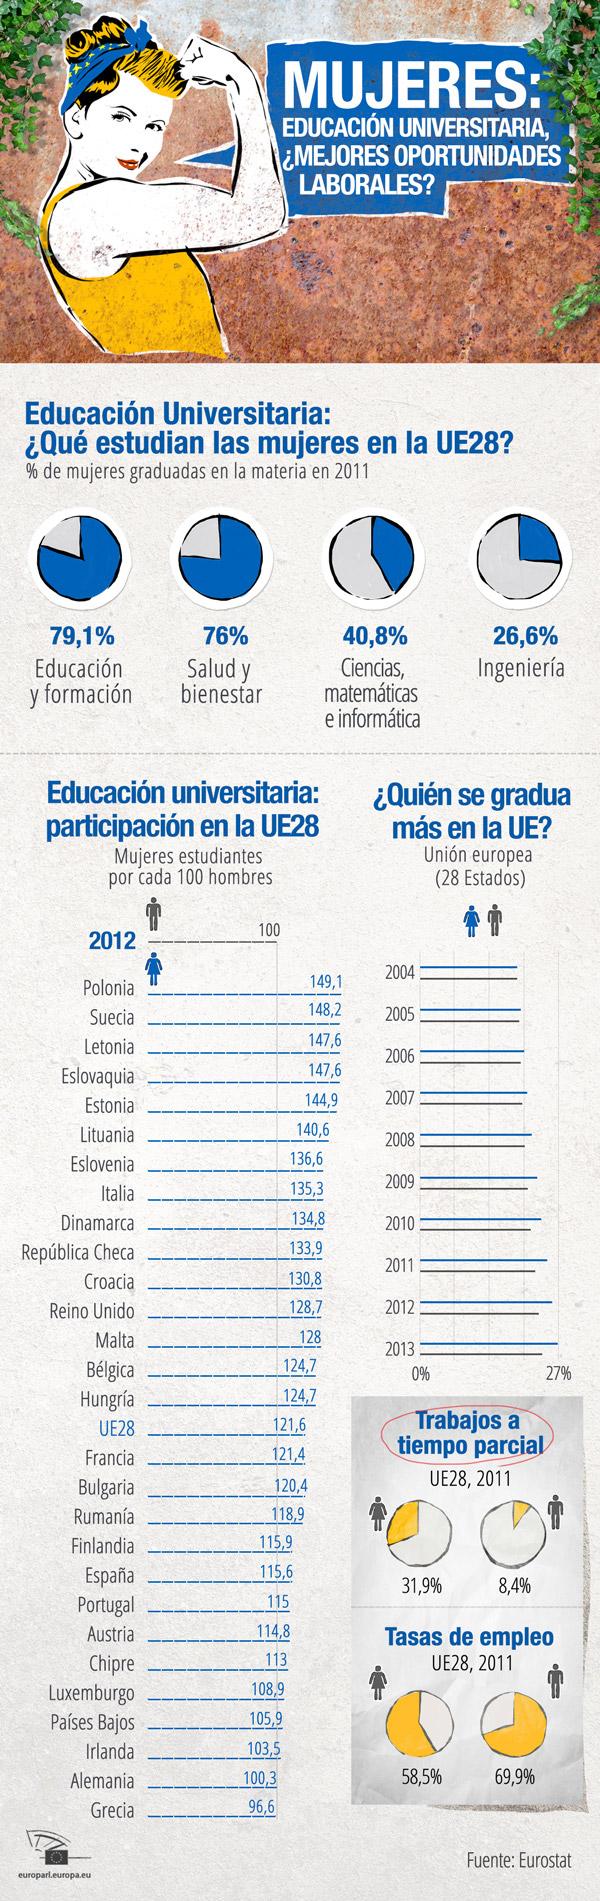 Unión Europea: mujeres - universidad - trabajo